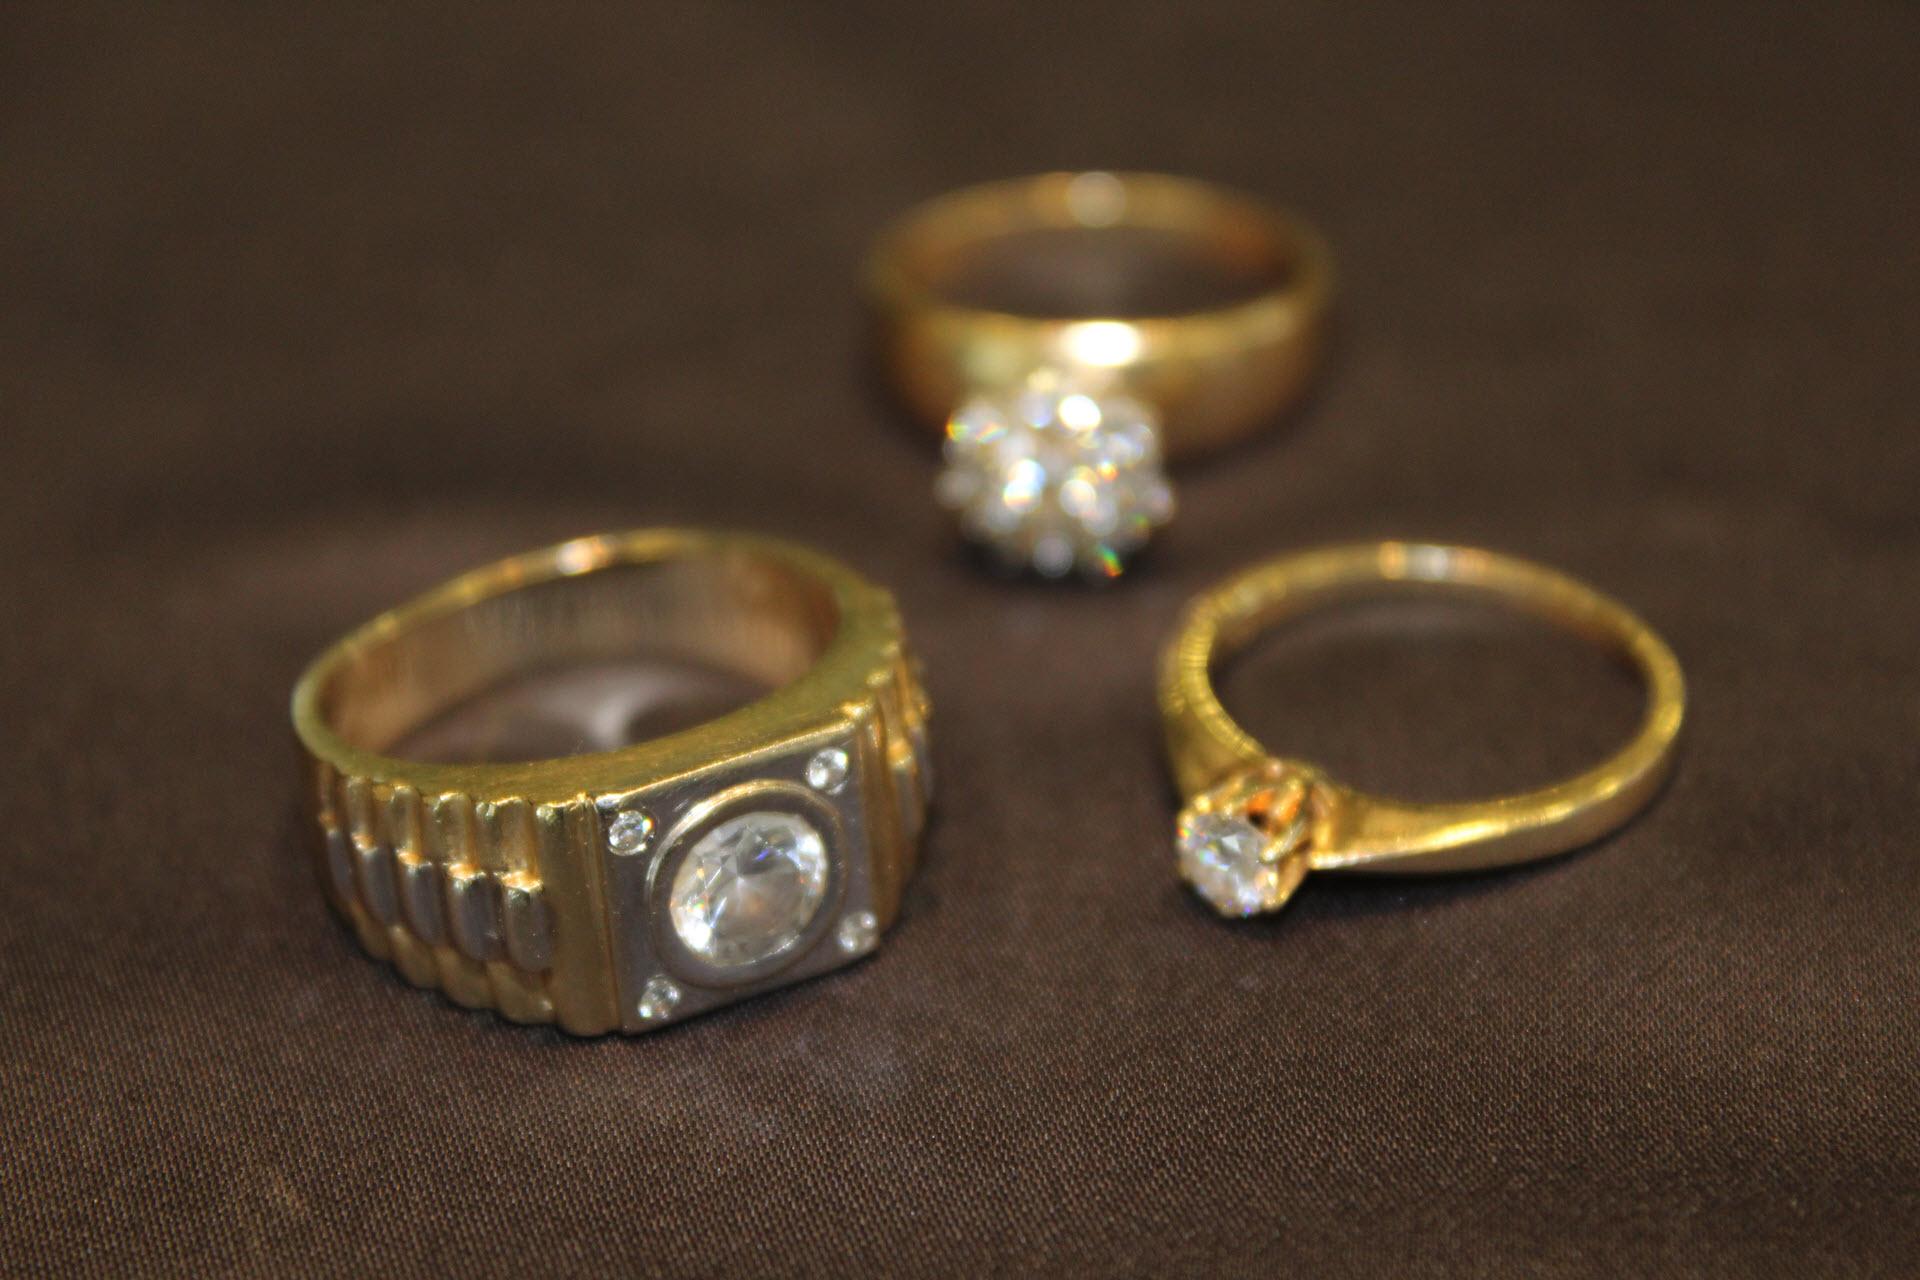 rolex-uhrenankauf-wien-juwelier-sascha, Breitling-Markenuhr-Uhren-Ankauf-Wien-Juwelier-Sascha, Goldringe diamanten - Juwelier Sascha 1150 Wien 10 - Diamanten Ankauf & Brillanten Ankauf | 1150 Wien Juwelier Sascha